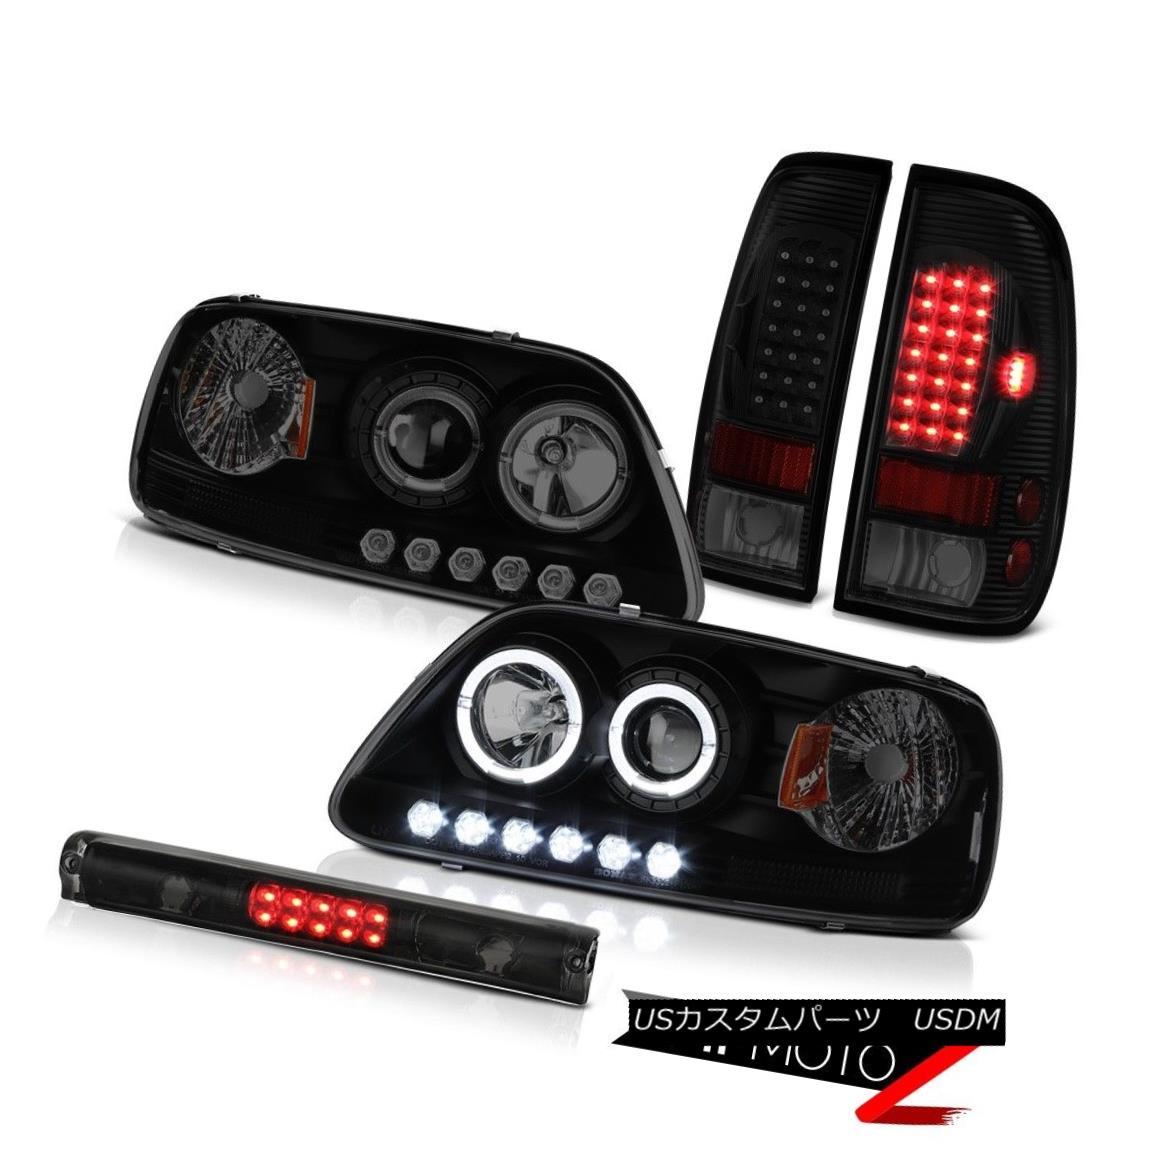 テールライト 97 98 99 00 01 02 03 Ford F150 3RD Brake Lamp Taillights Projector Headlights 97 98 99 00 01 02 03フォードF150 3RDブレーキランプテールライトプロジェクターヘッドライト